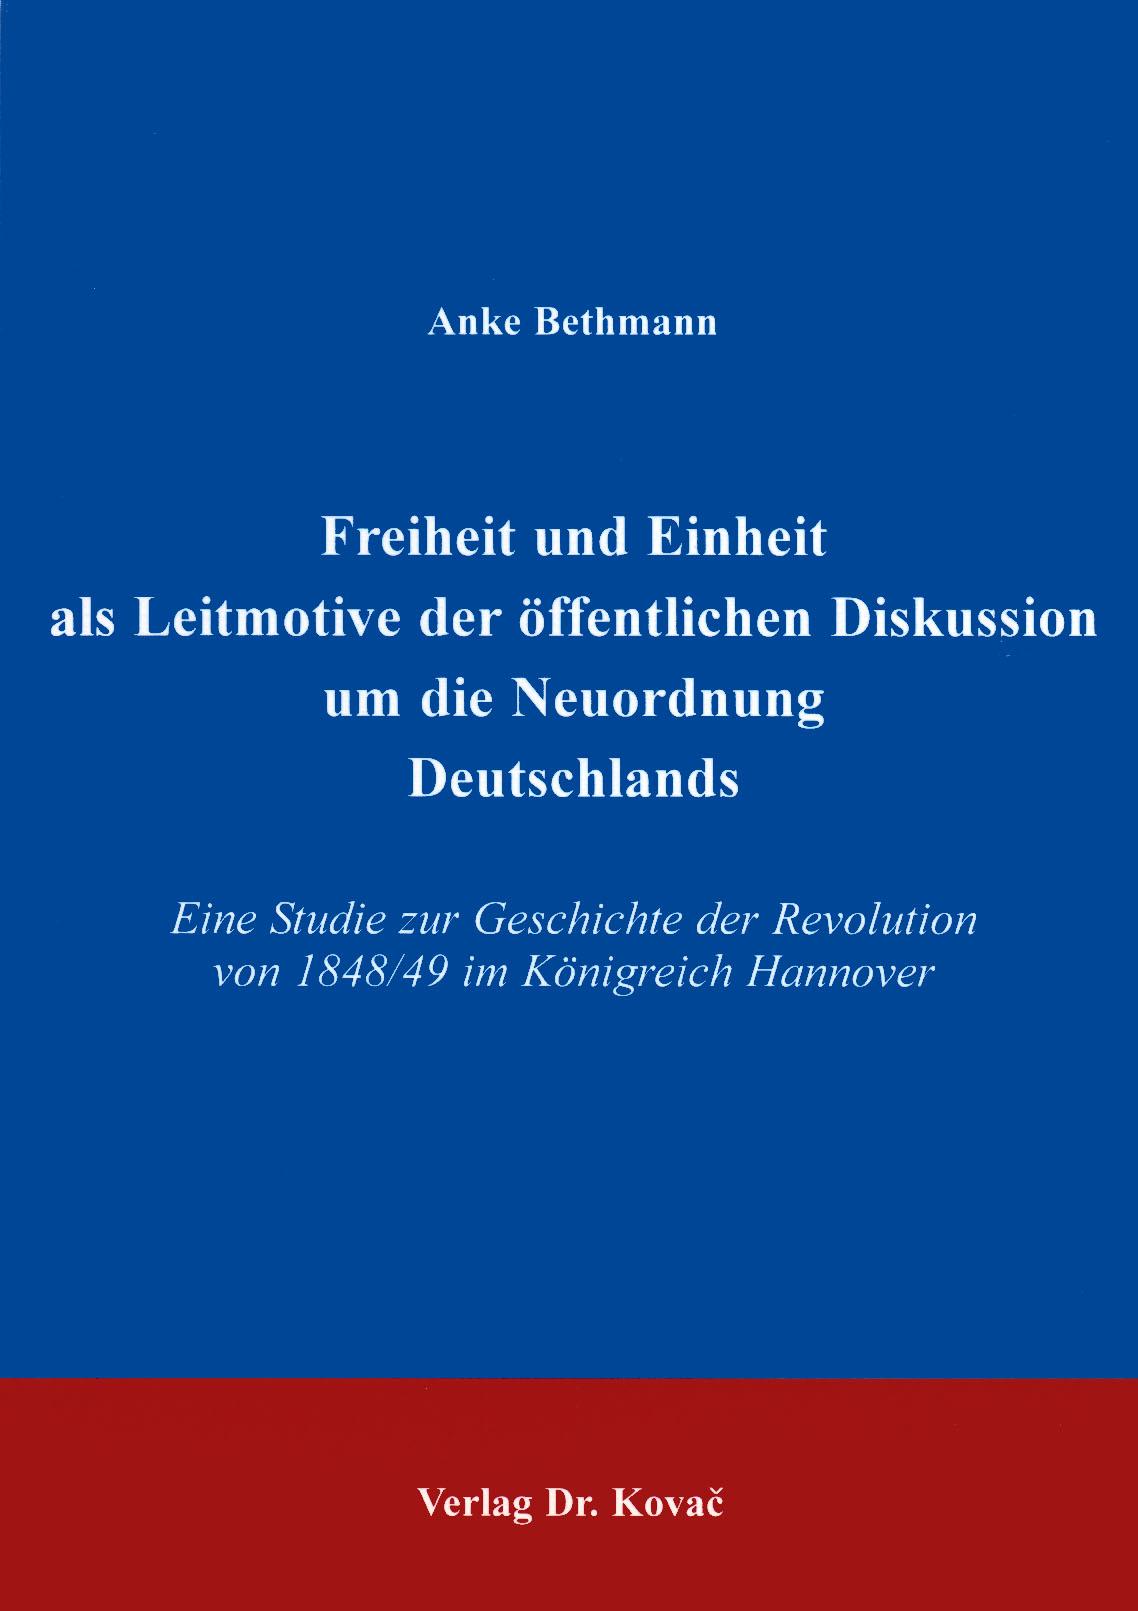 Cover: Freiheit und Einheit als Leitmotive der öffentlichen Diskussion um die Neuordnung Deutschlands